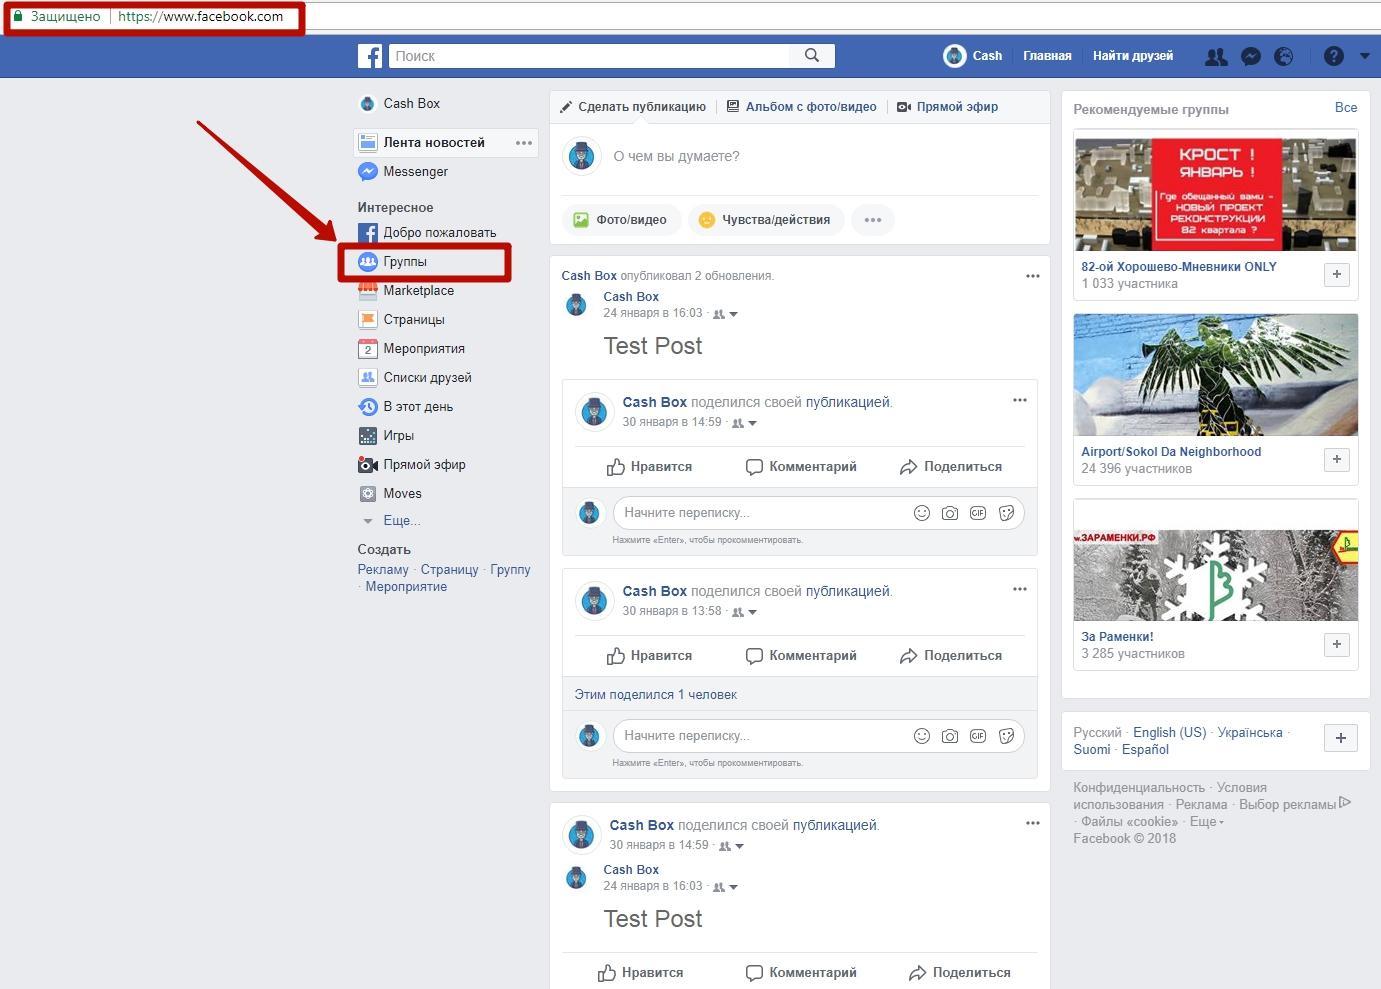 сообщества знакомств в фейсбук